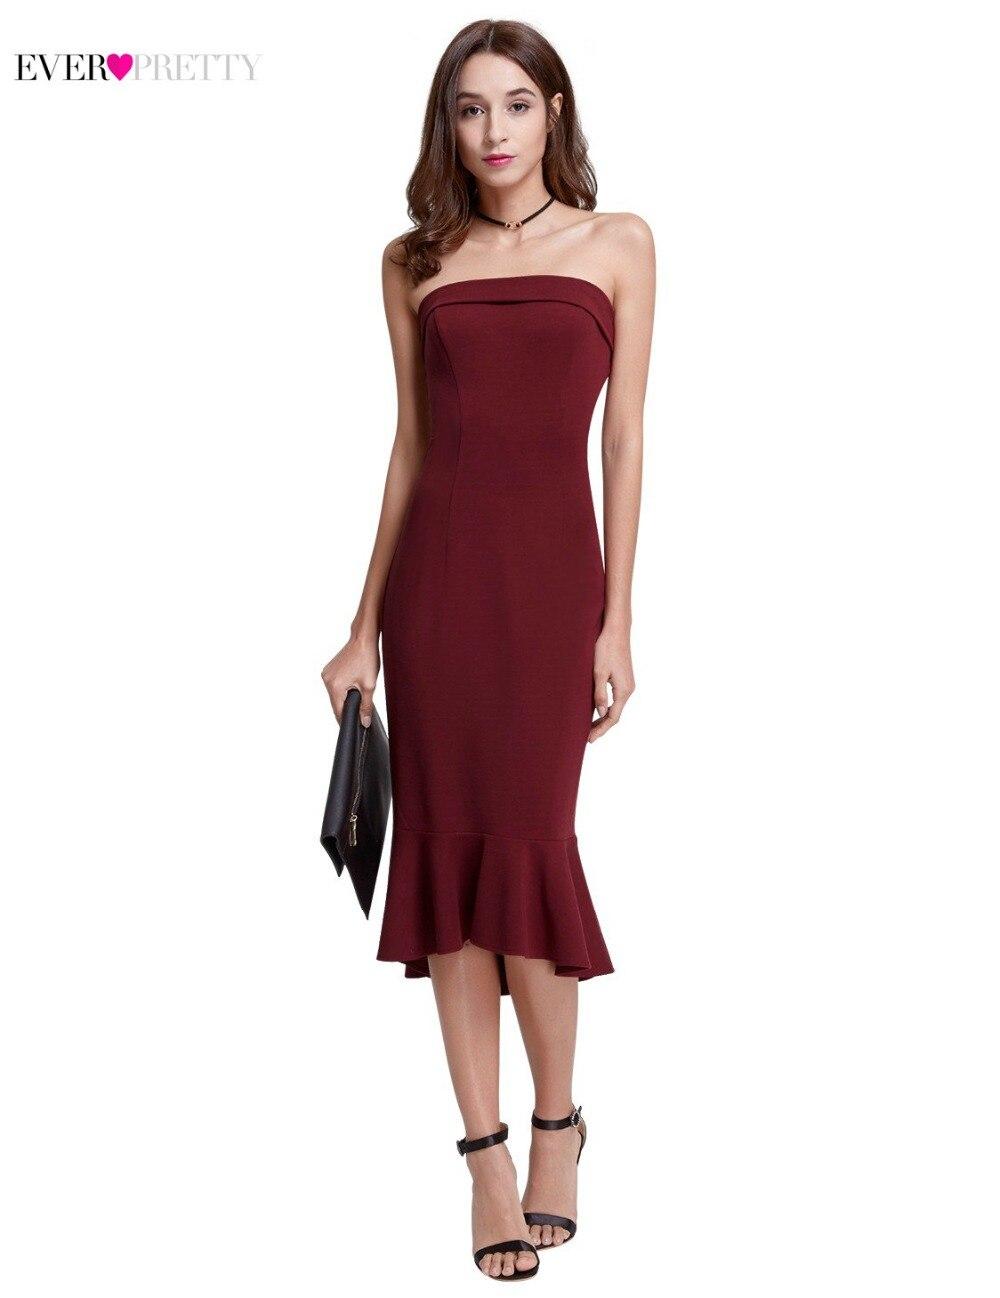 Gorąca sprzedaż burgundowe sukienki koktajlowe 2018 Ever Pretty - Suknie specjalne okazje - Zdjęcie 2